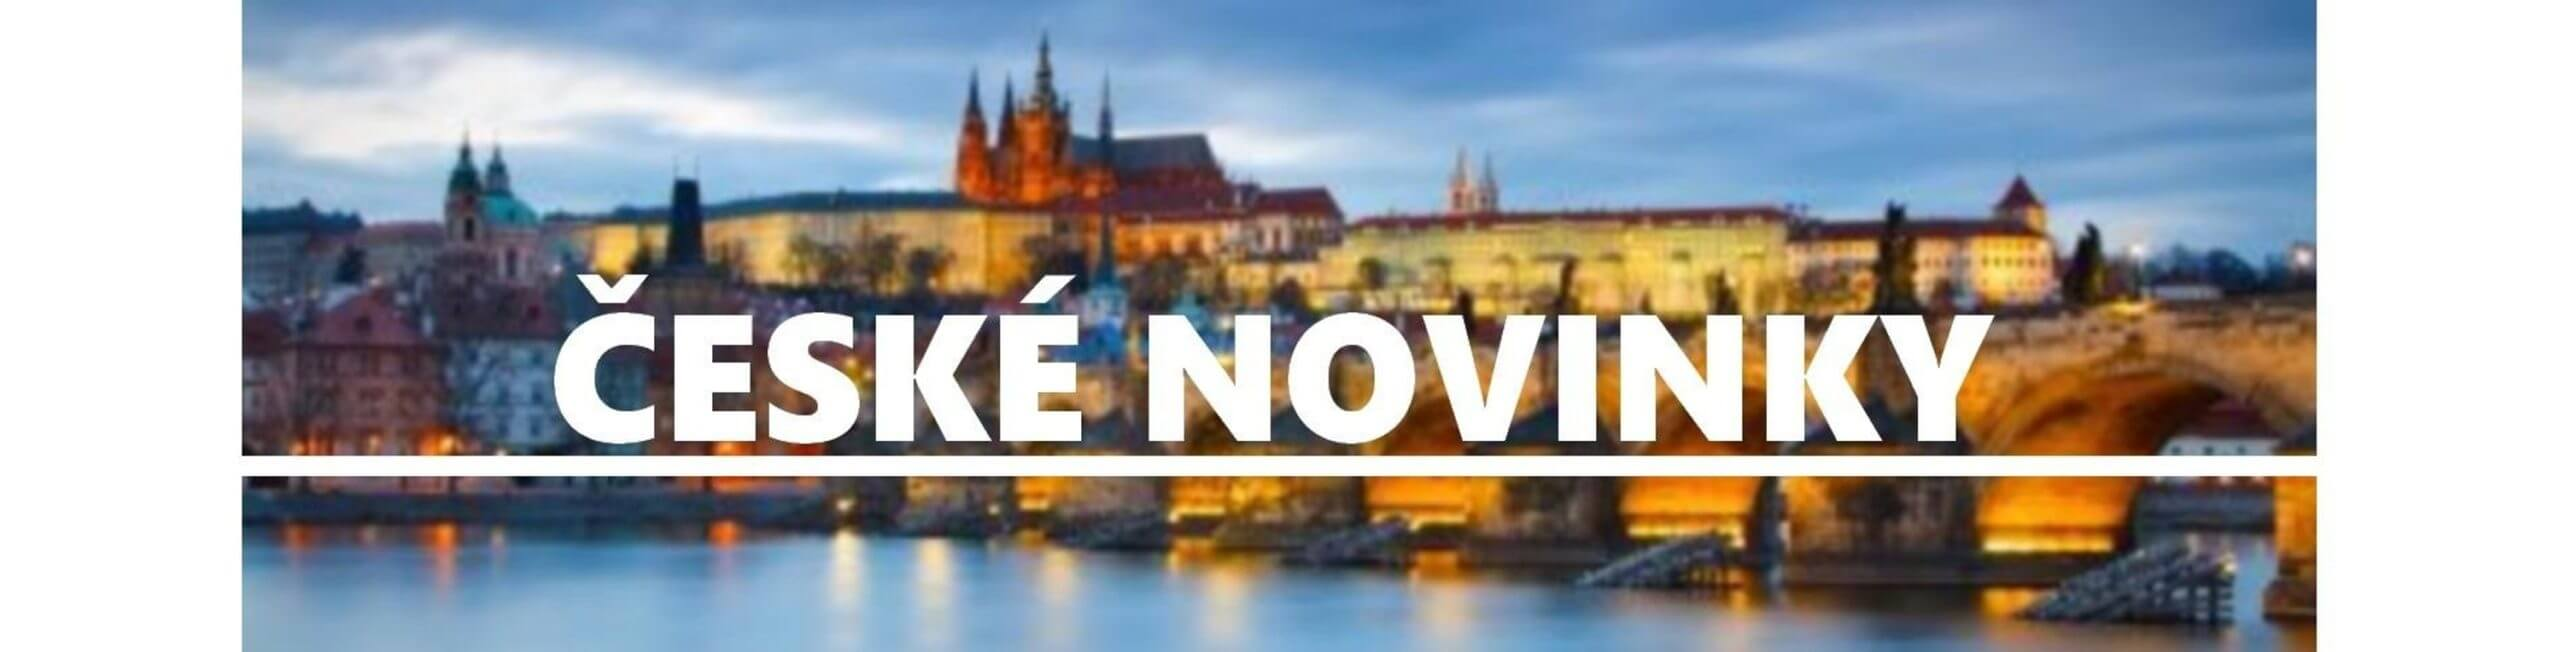 České novinky1.eu